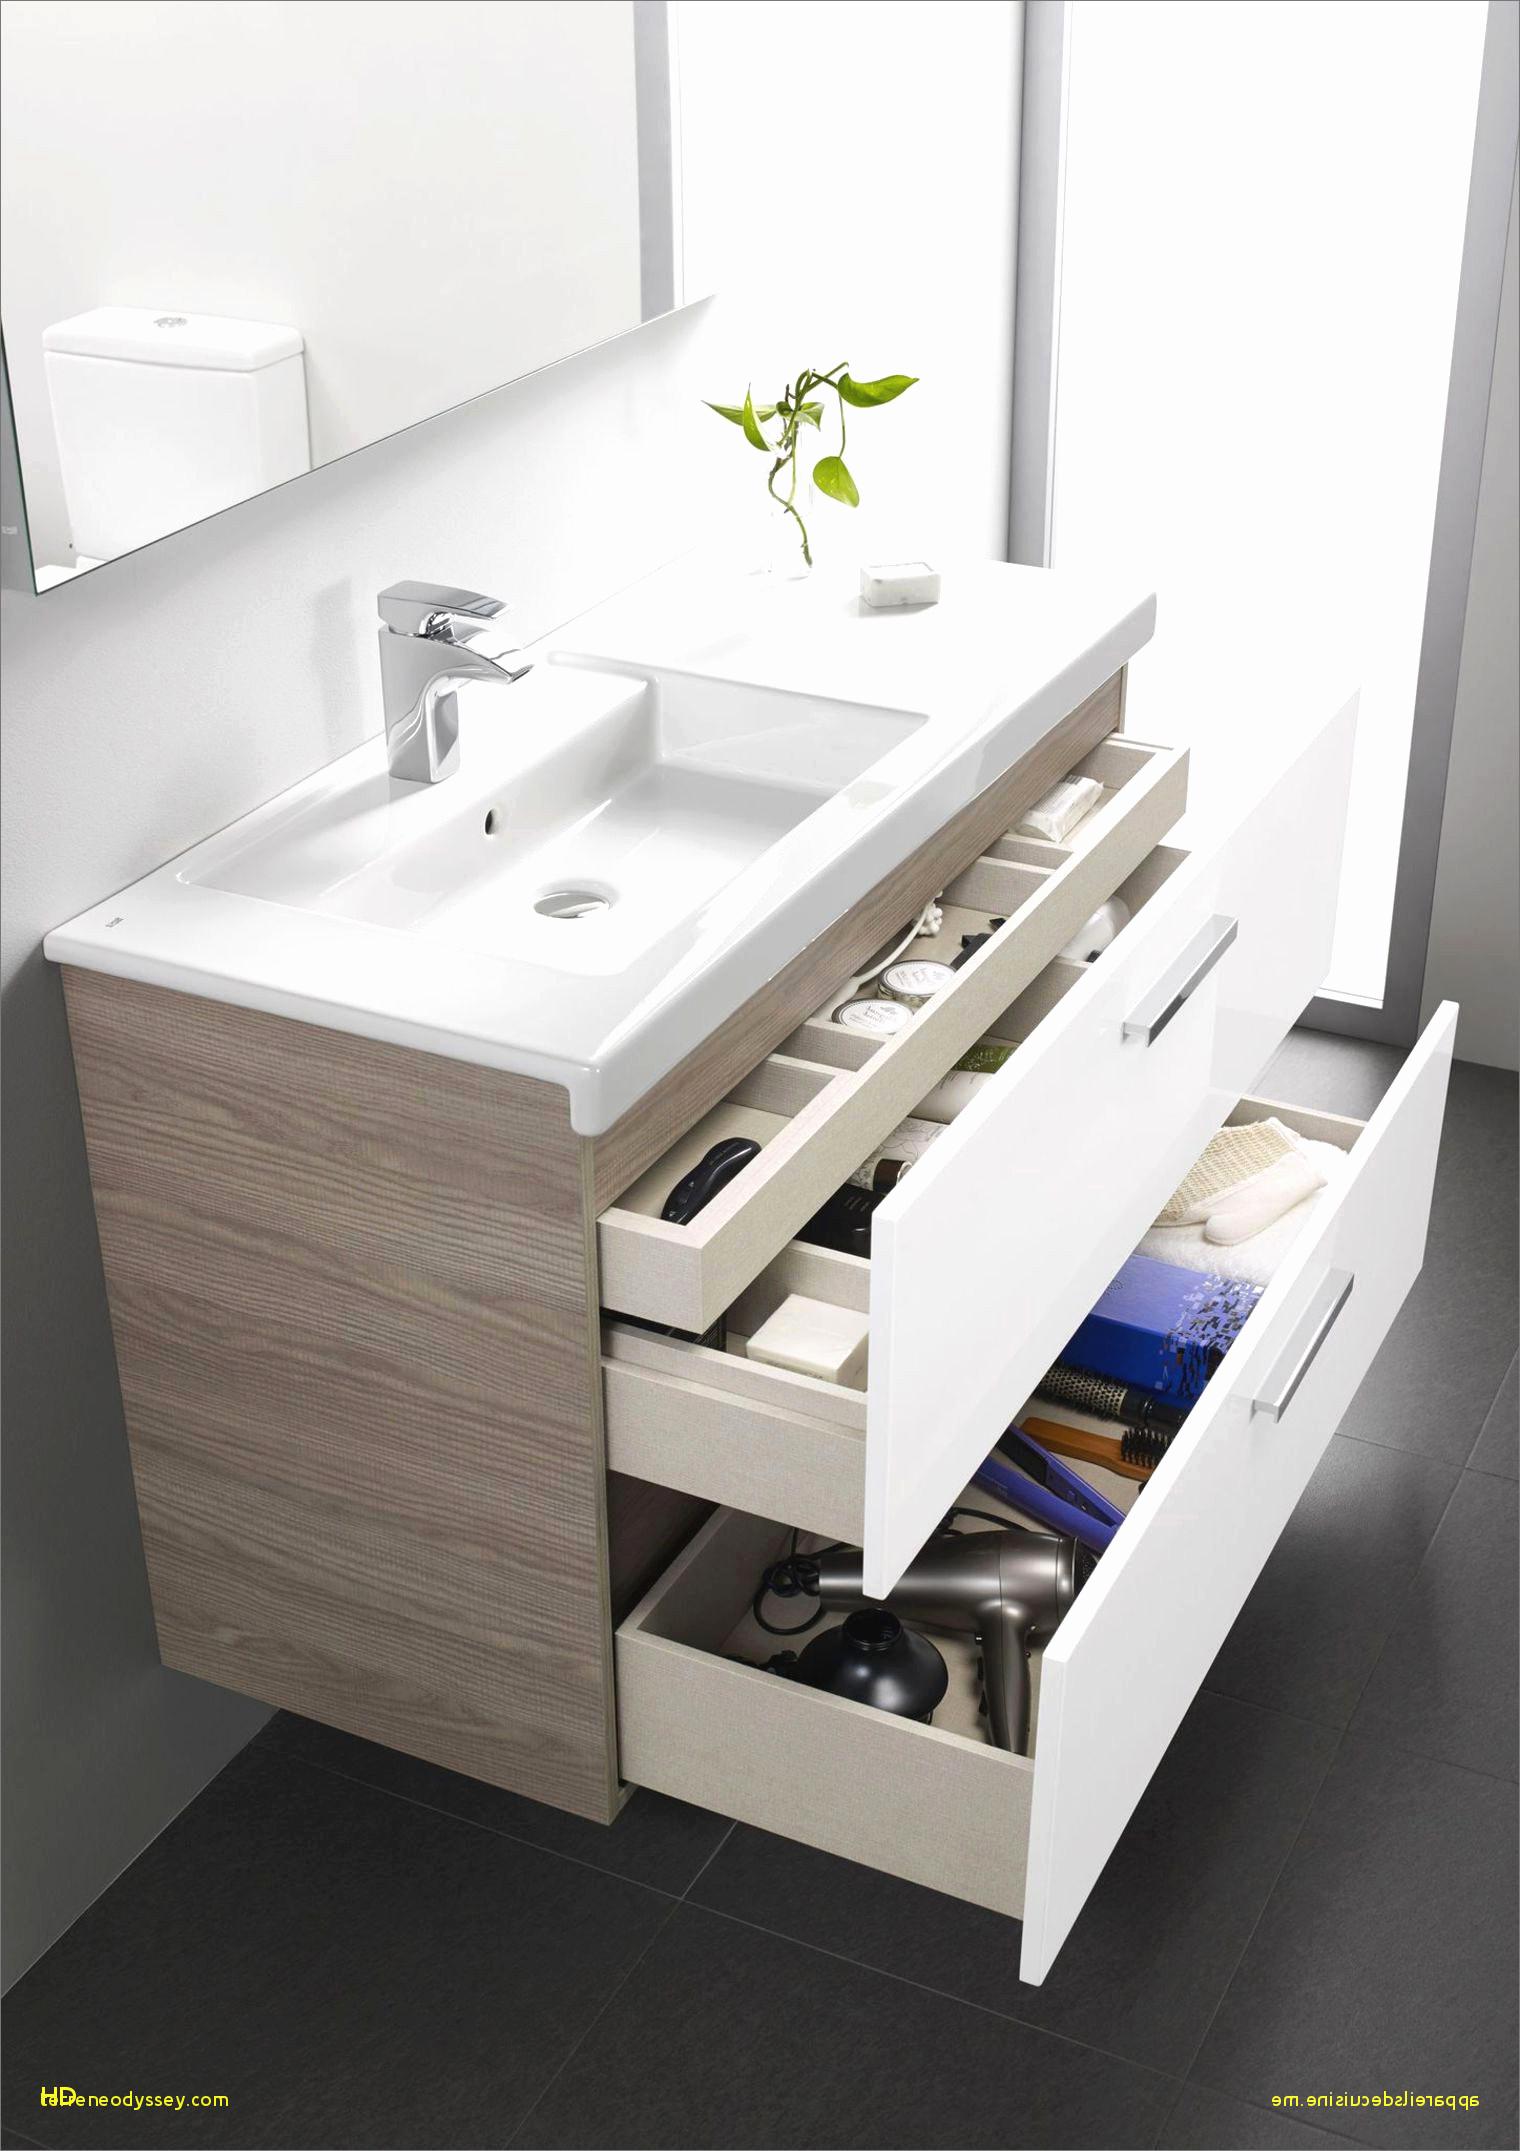 applique miroir salle de bain brico depot nouveau resultat superieur 70 elegant meuble salle de bain brico depot of applique miroir salle de bain brico depot